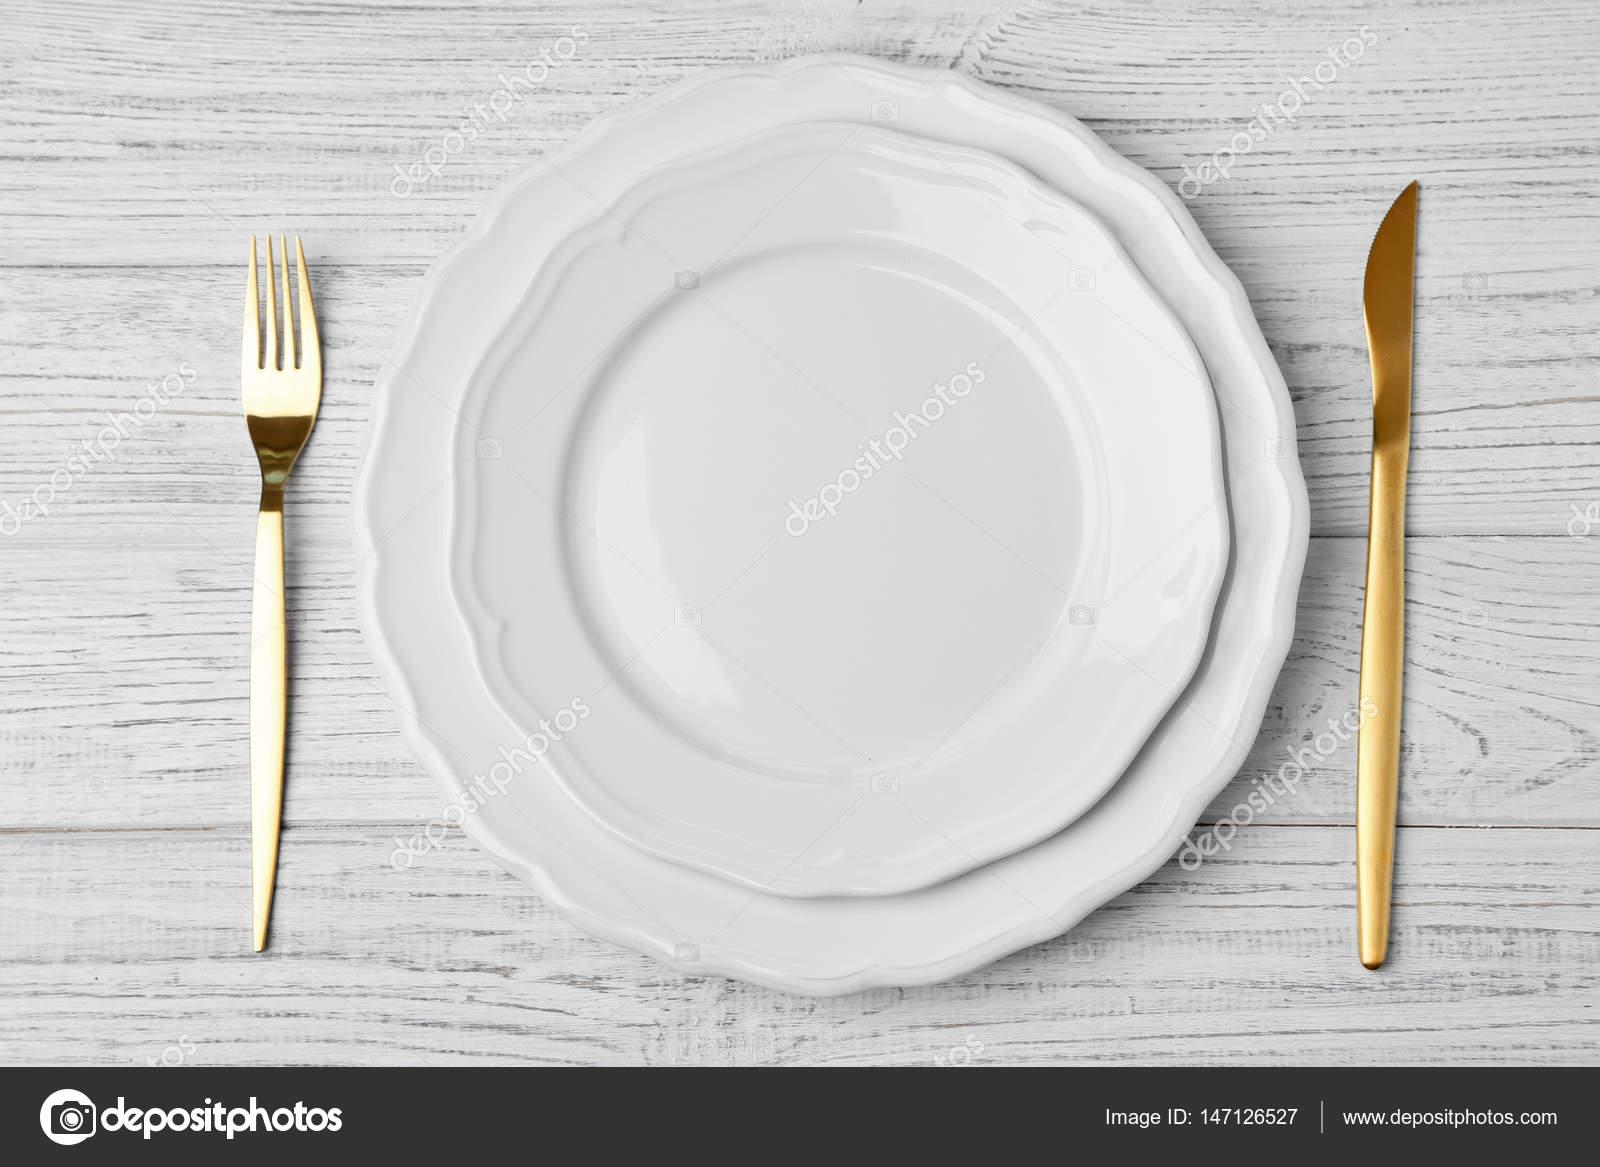 Cuchillo tenedor y plato vac o foto de stock for Plato tenedor y cuchillo